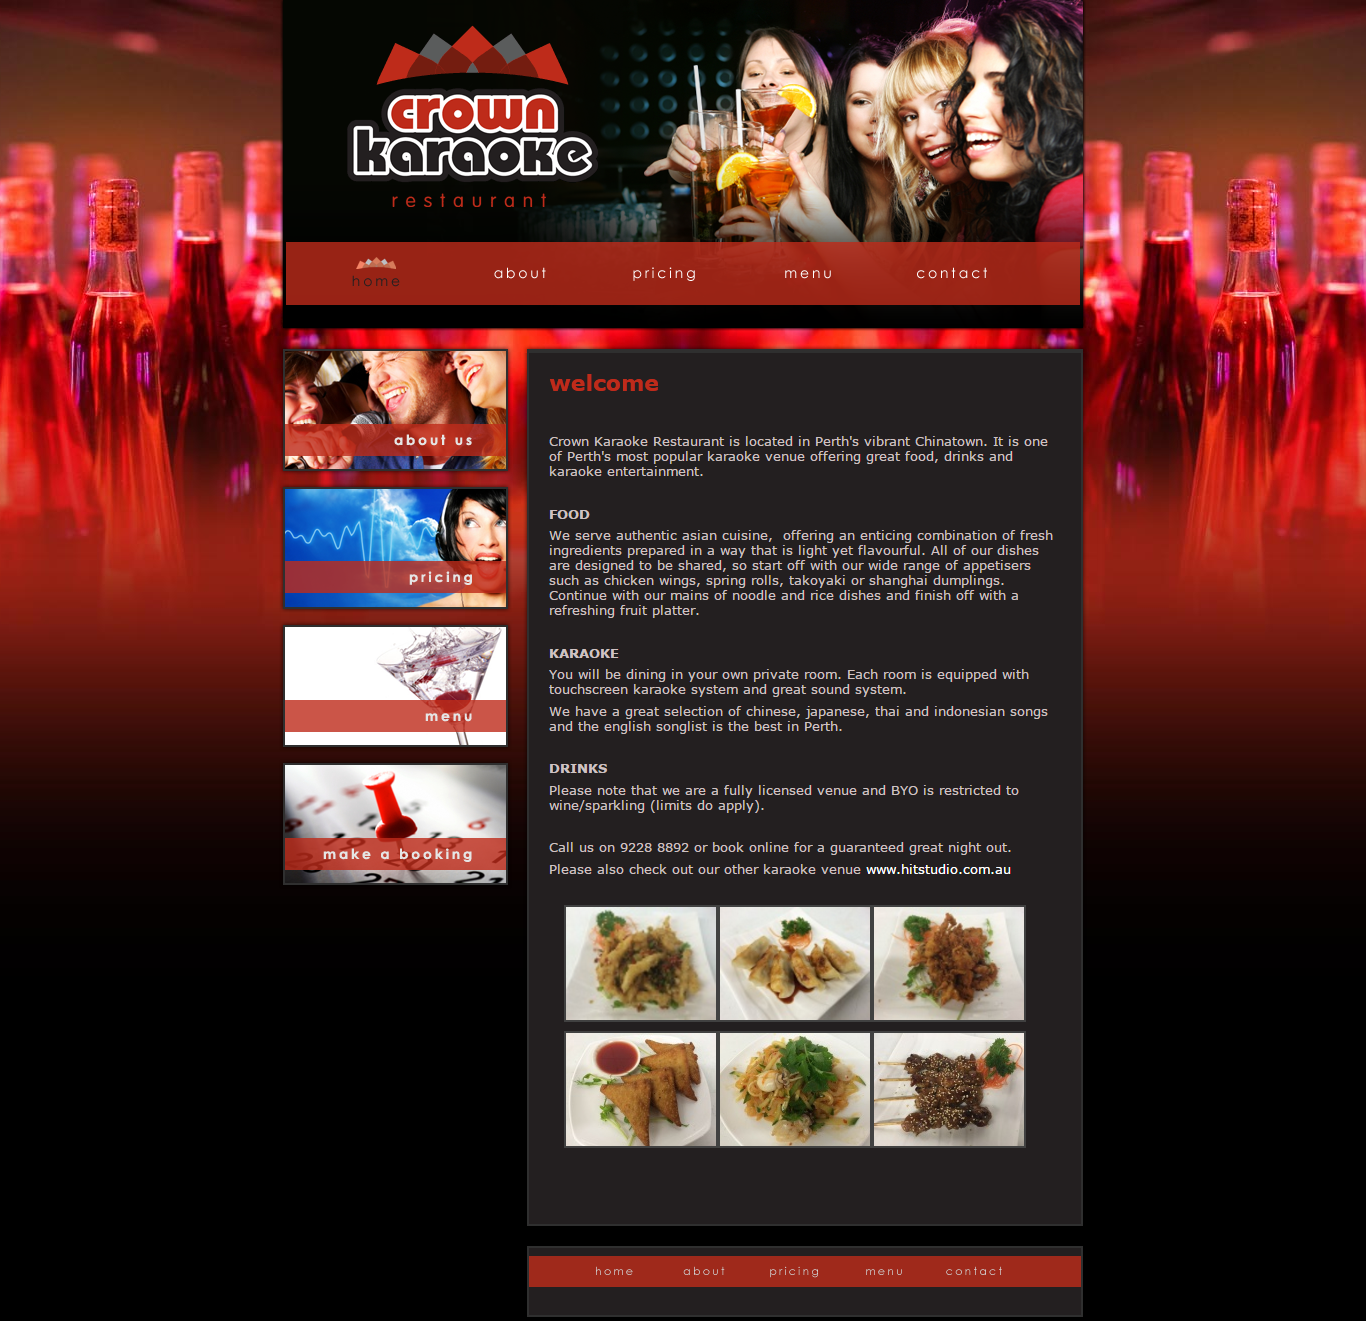 Thiết kế website Crown karaoke đẹp, chuyên nghiệp chuẩn SEO